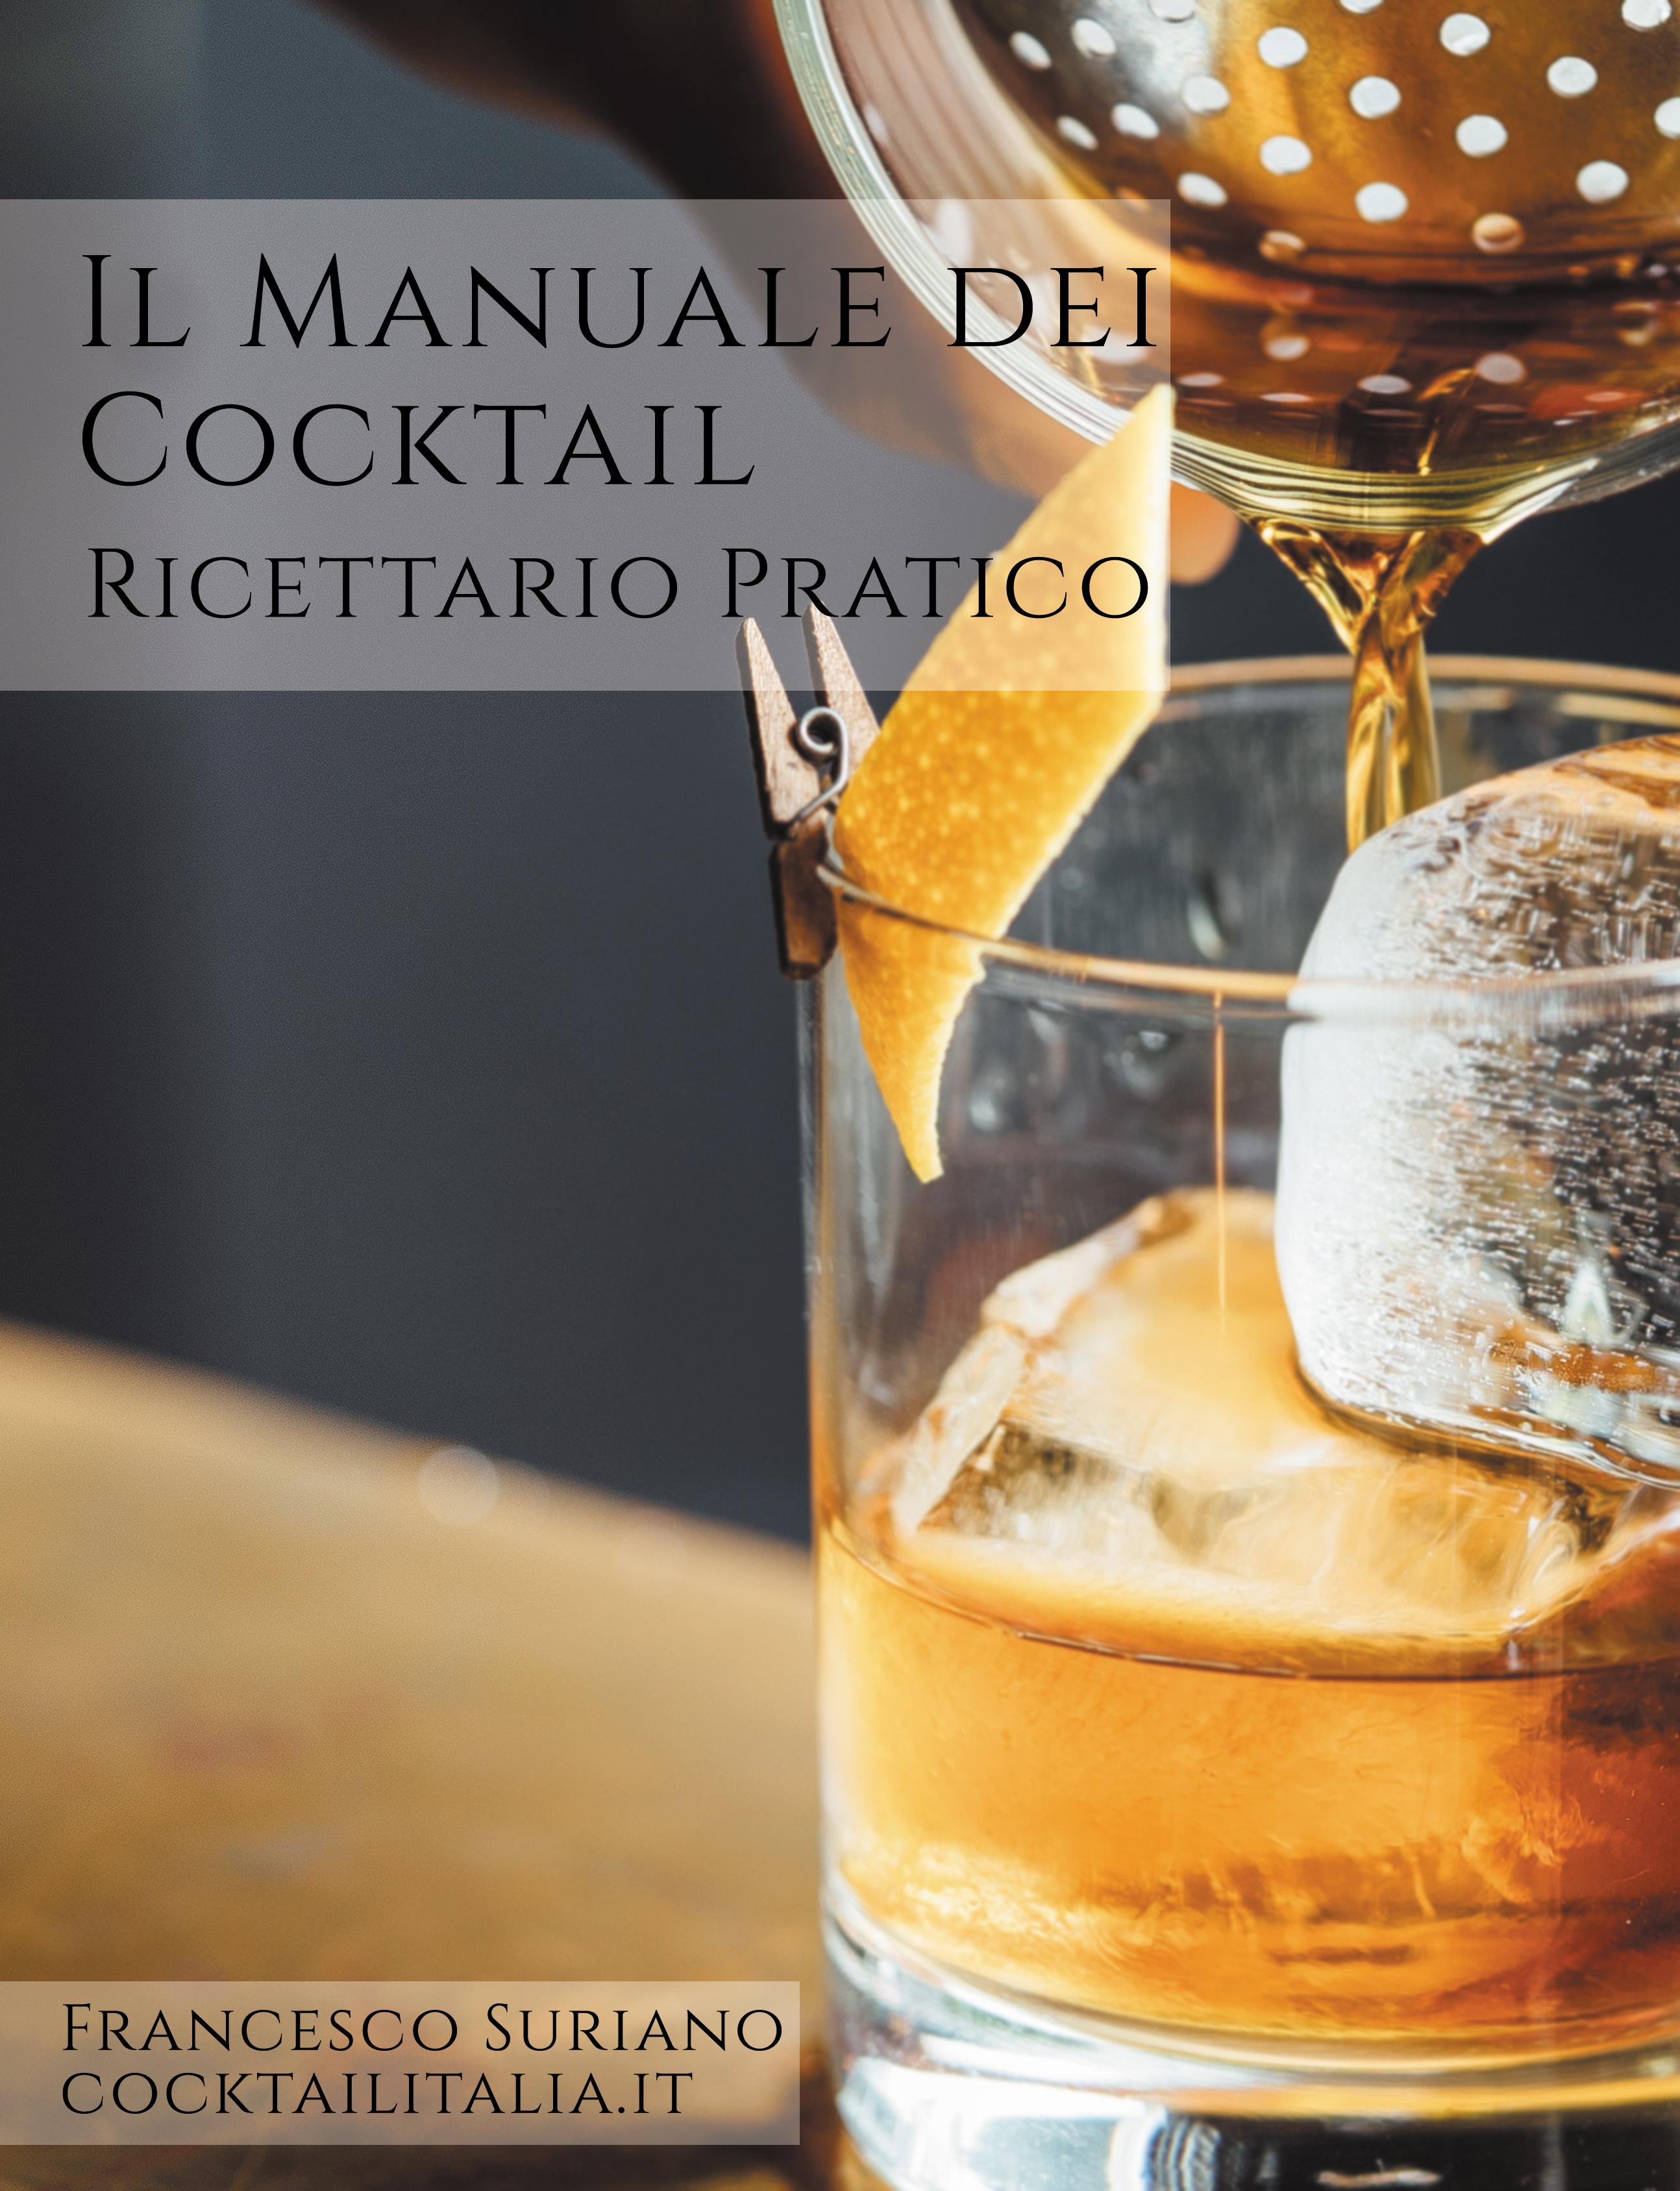 Il manuale dei cocktail - libro cocktail